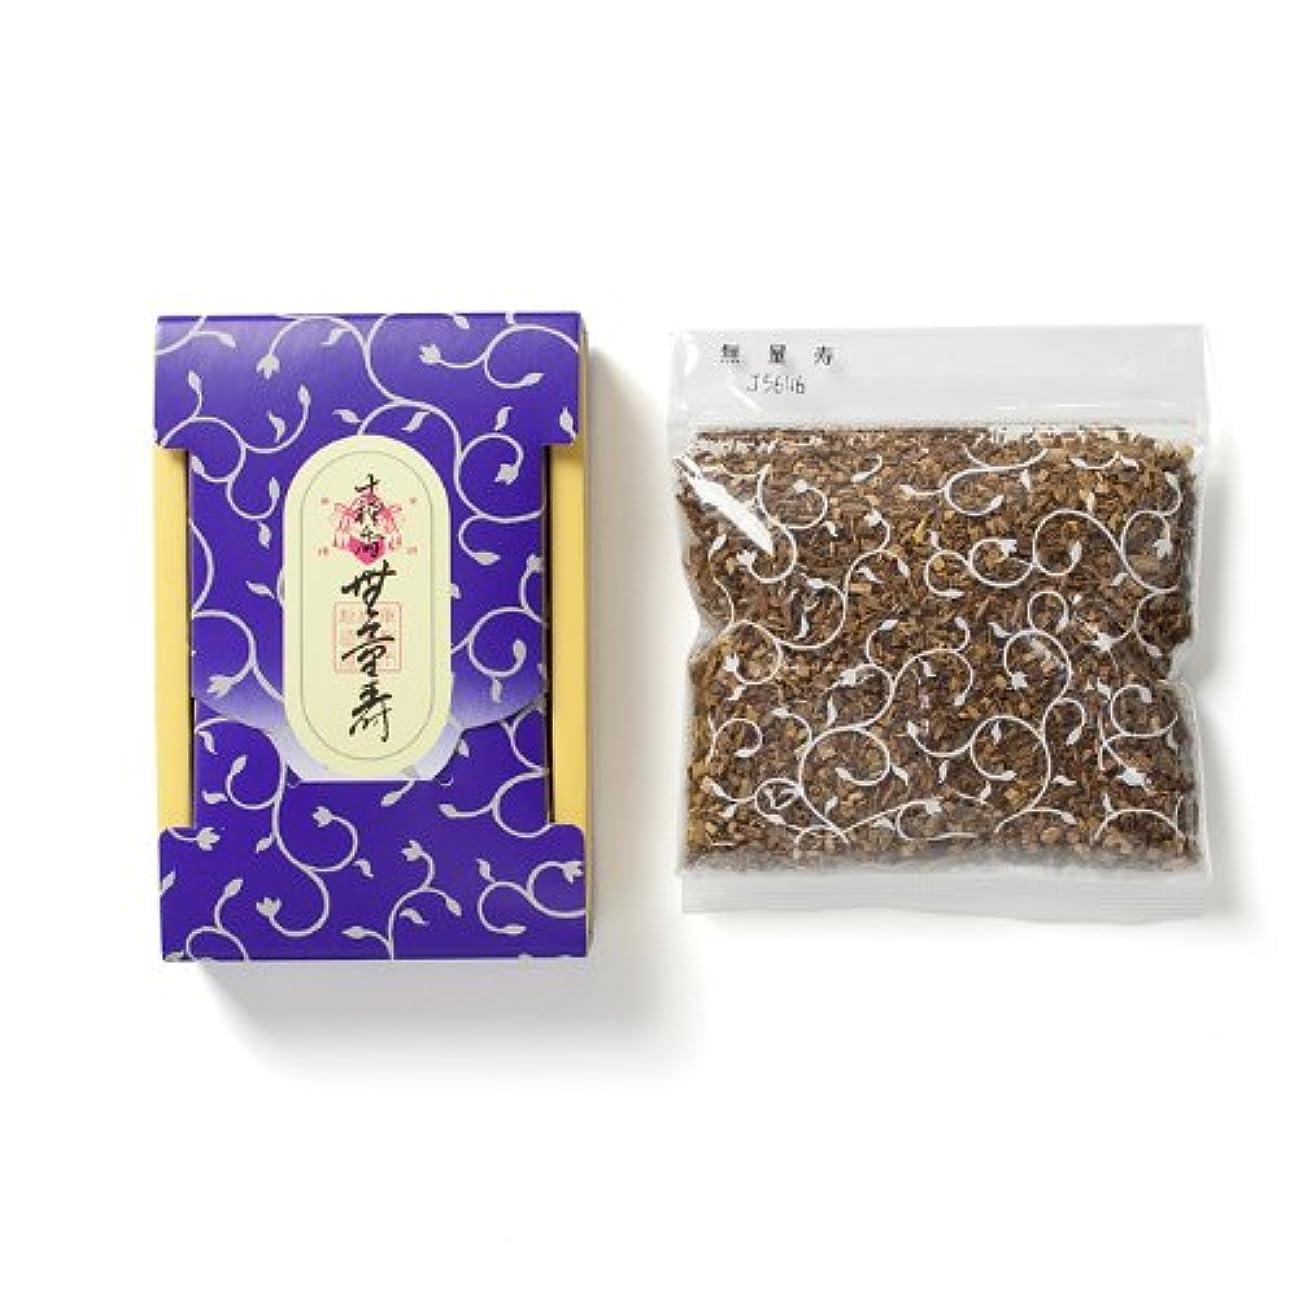 欠如リングバックを除く松栄堂のお焼香 十種香 無量寿 25g詰 小箱入 #410841